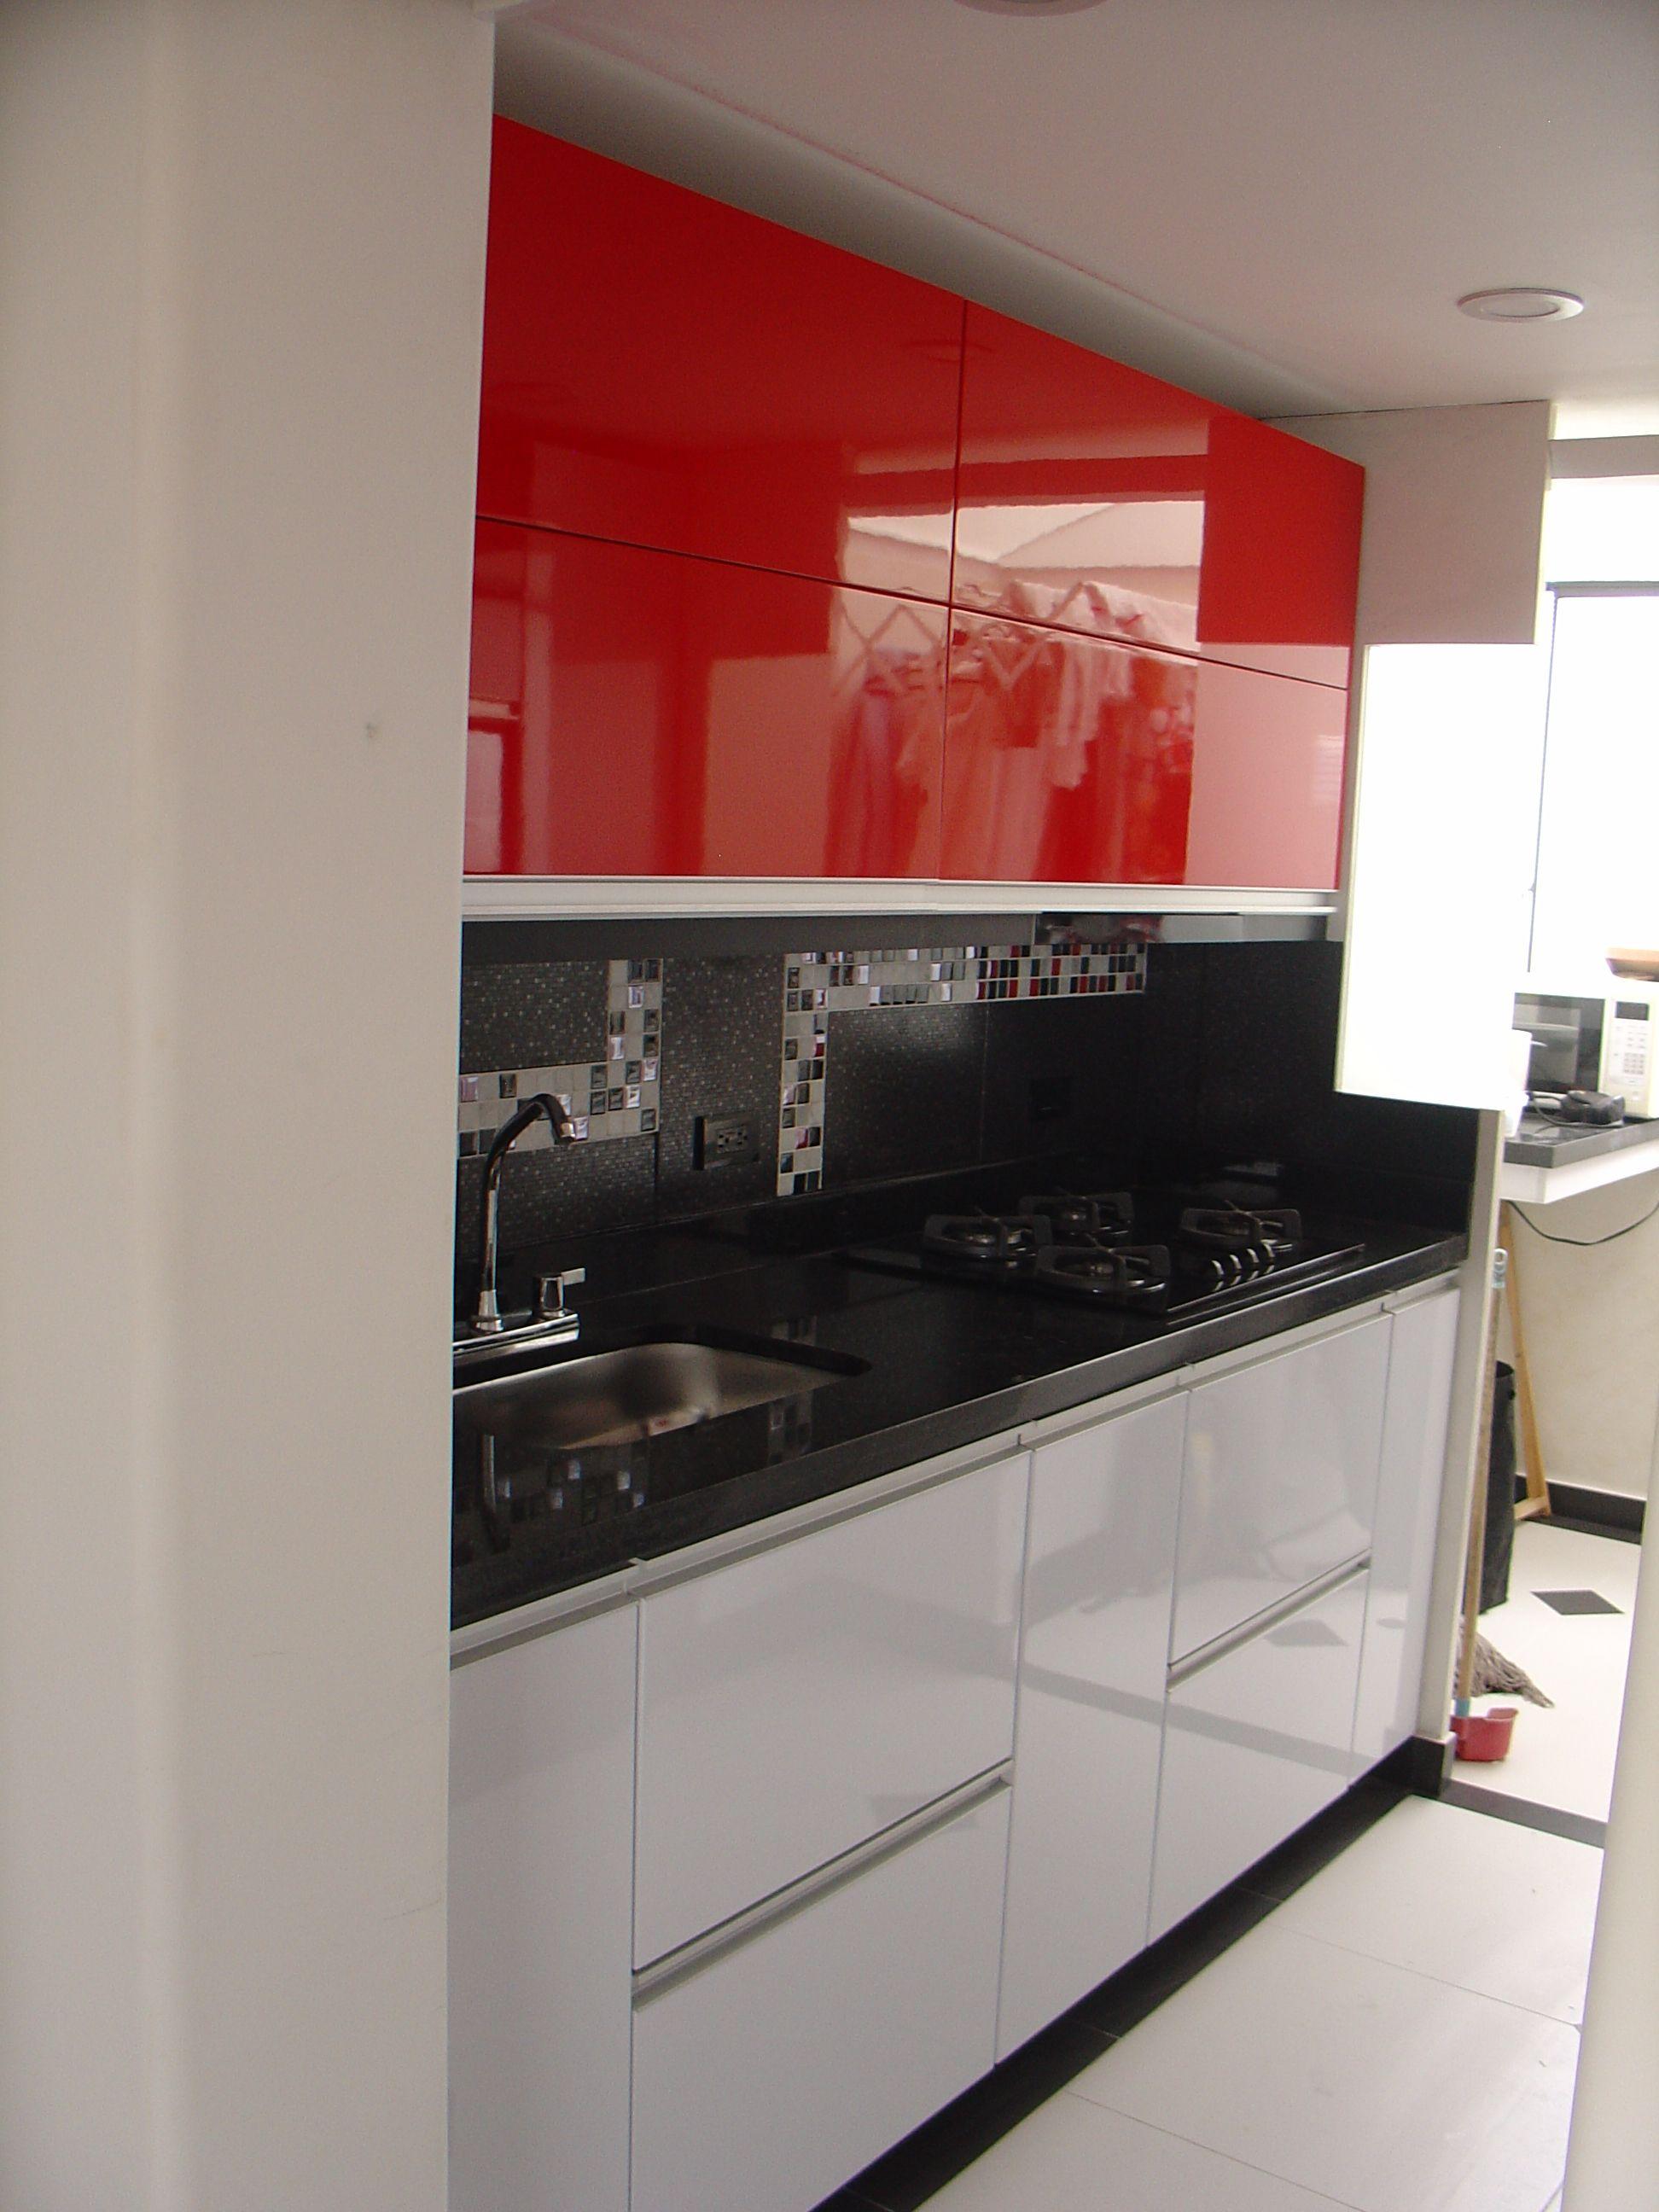 Cocina en poliuretano y aluminio blanca roja y negra for Modelos de cocinas integrales catalogo